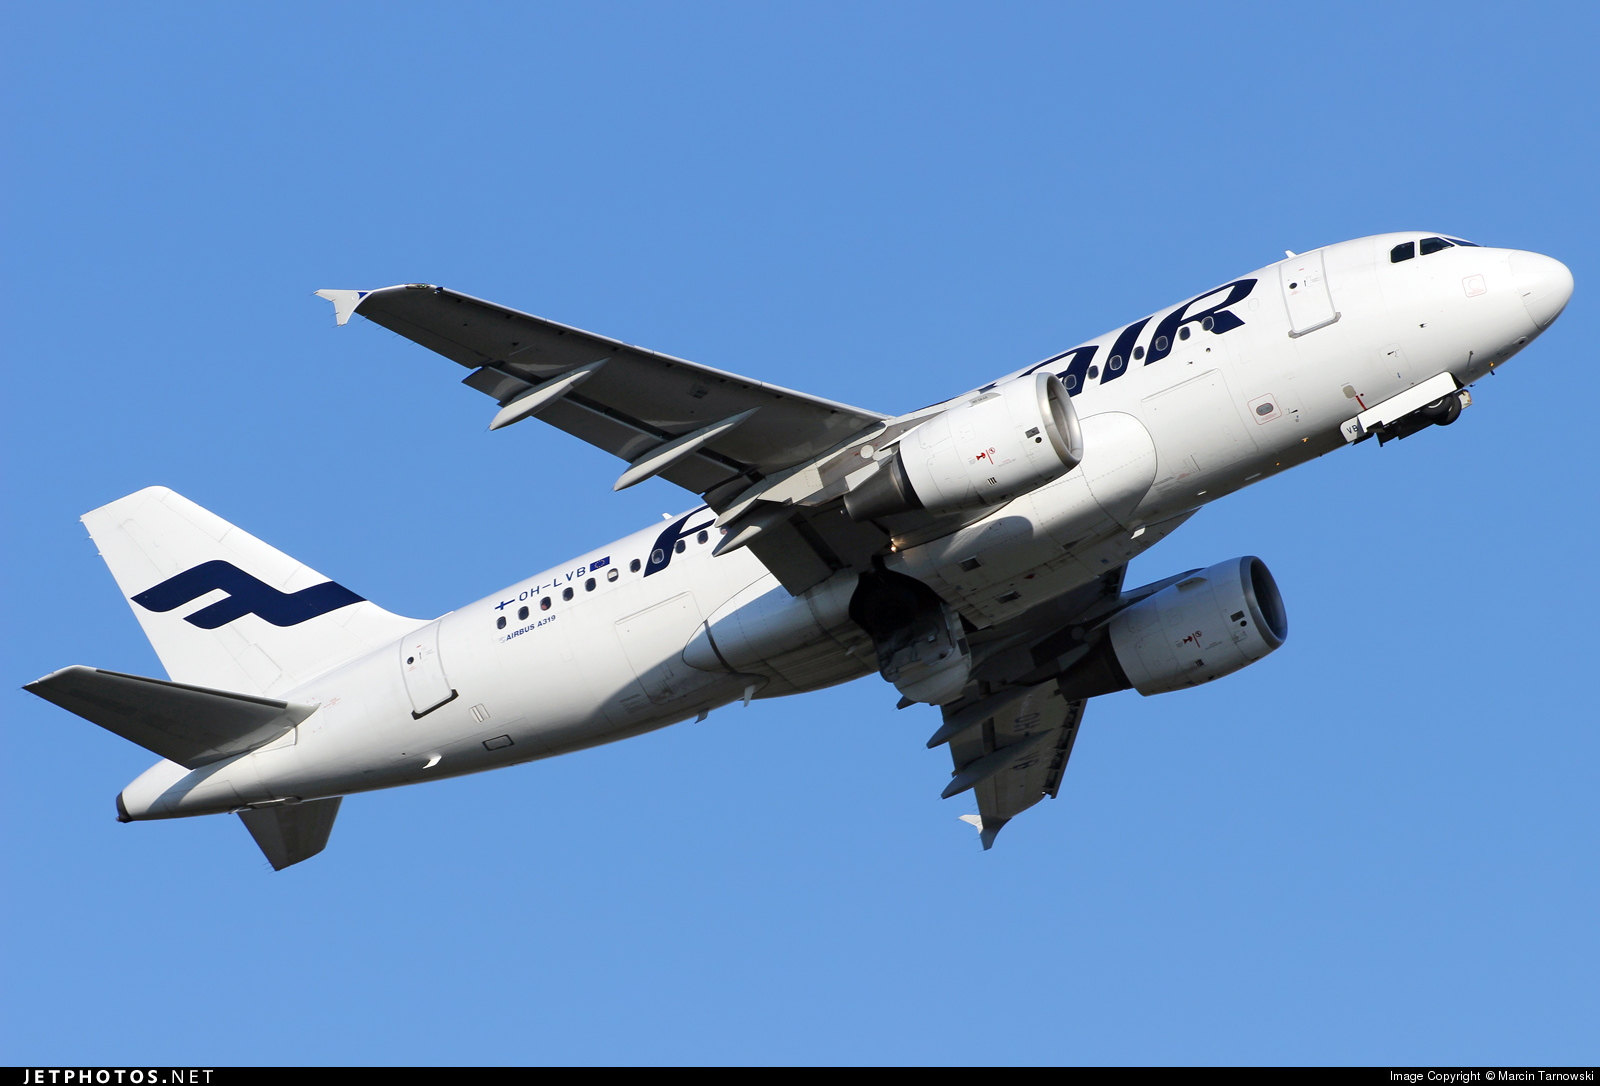 OH-LVB - Airbus A319-112 - Finnair